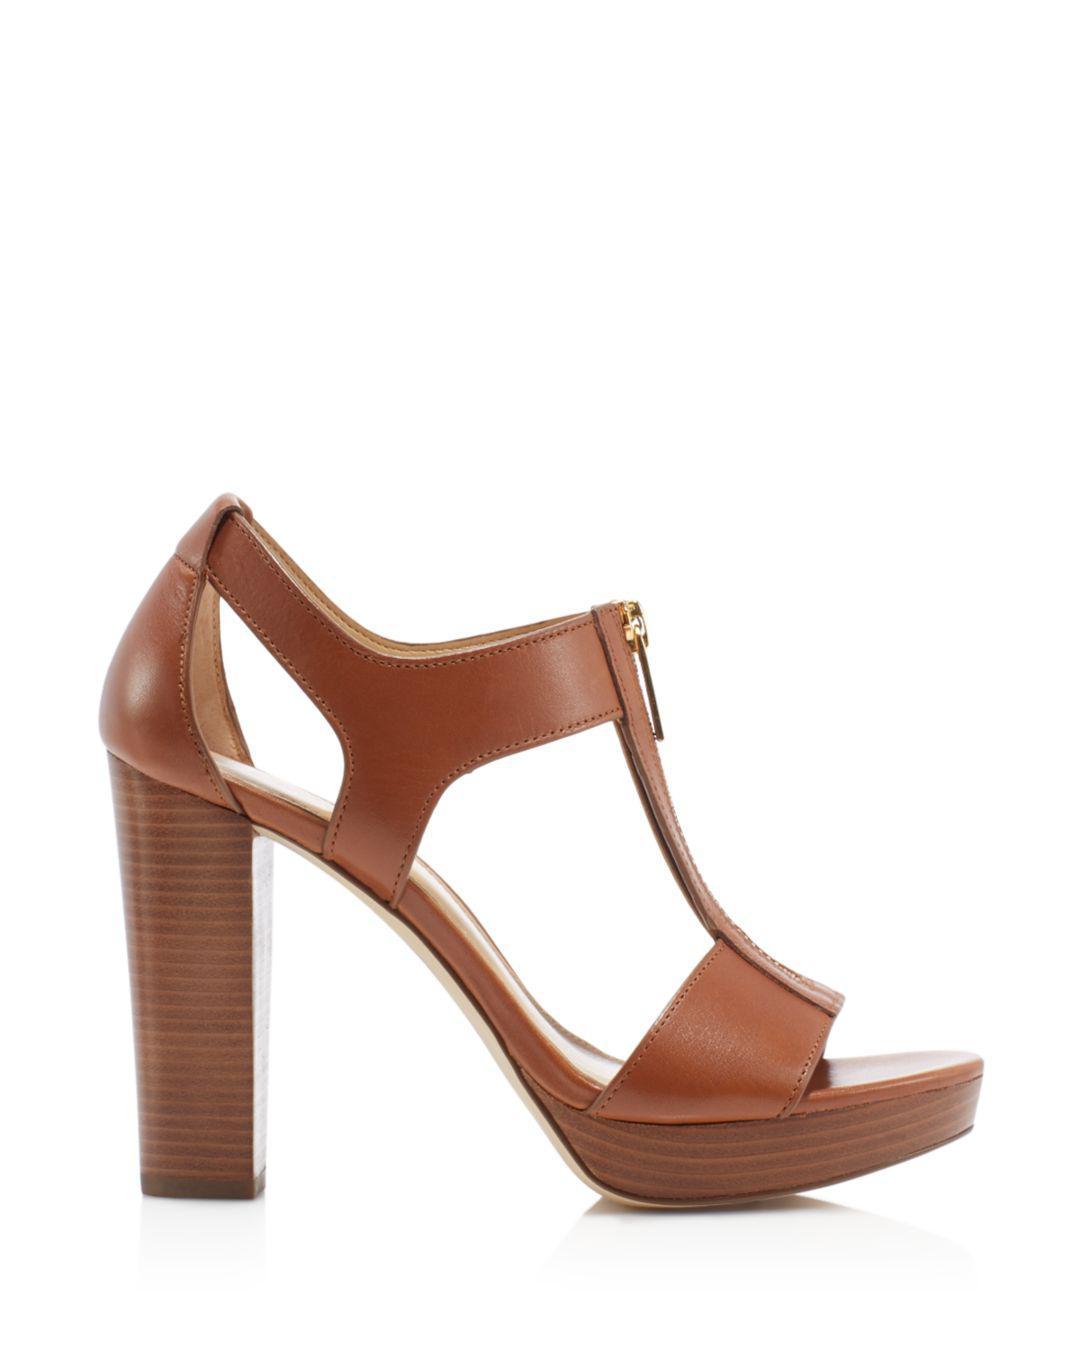 196e9a007985 Lyst - MICHAEL Michael Kors Berkley Zipper Platform High-heel Sandals in  Brown - Save 25%